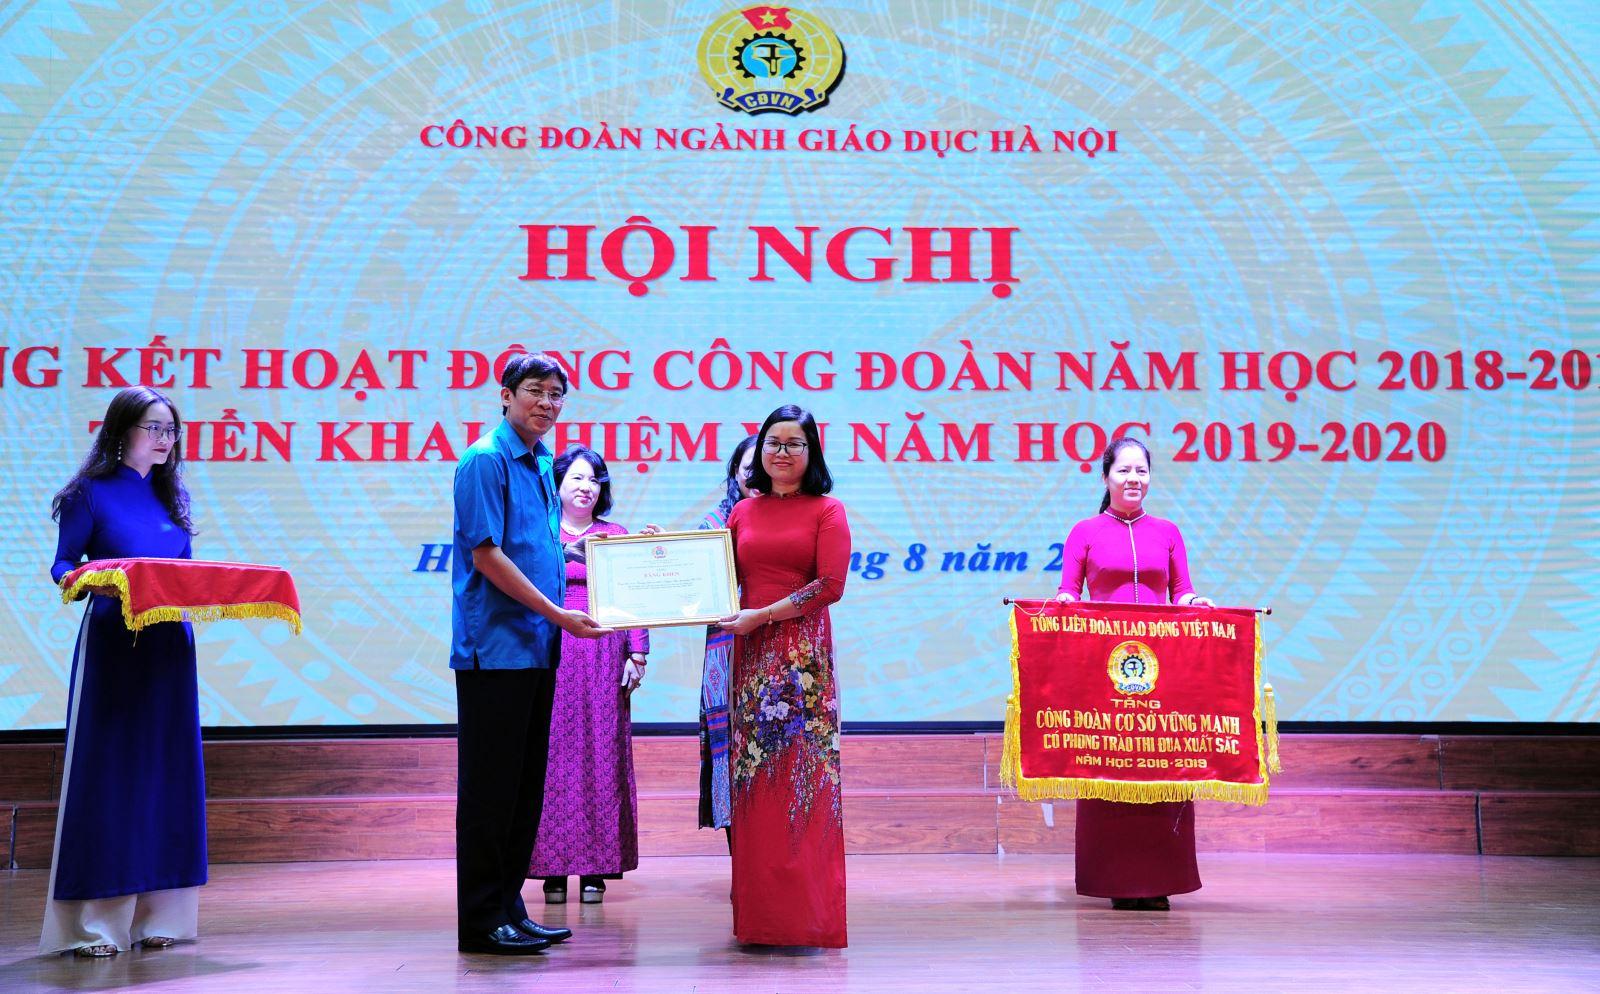 Trường Nguyễn Siêu nhận bằng khen của Công đoàn ngành Giáo dục Hà Nội